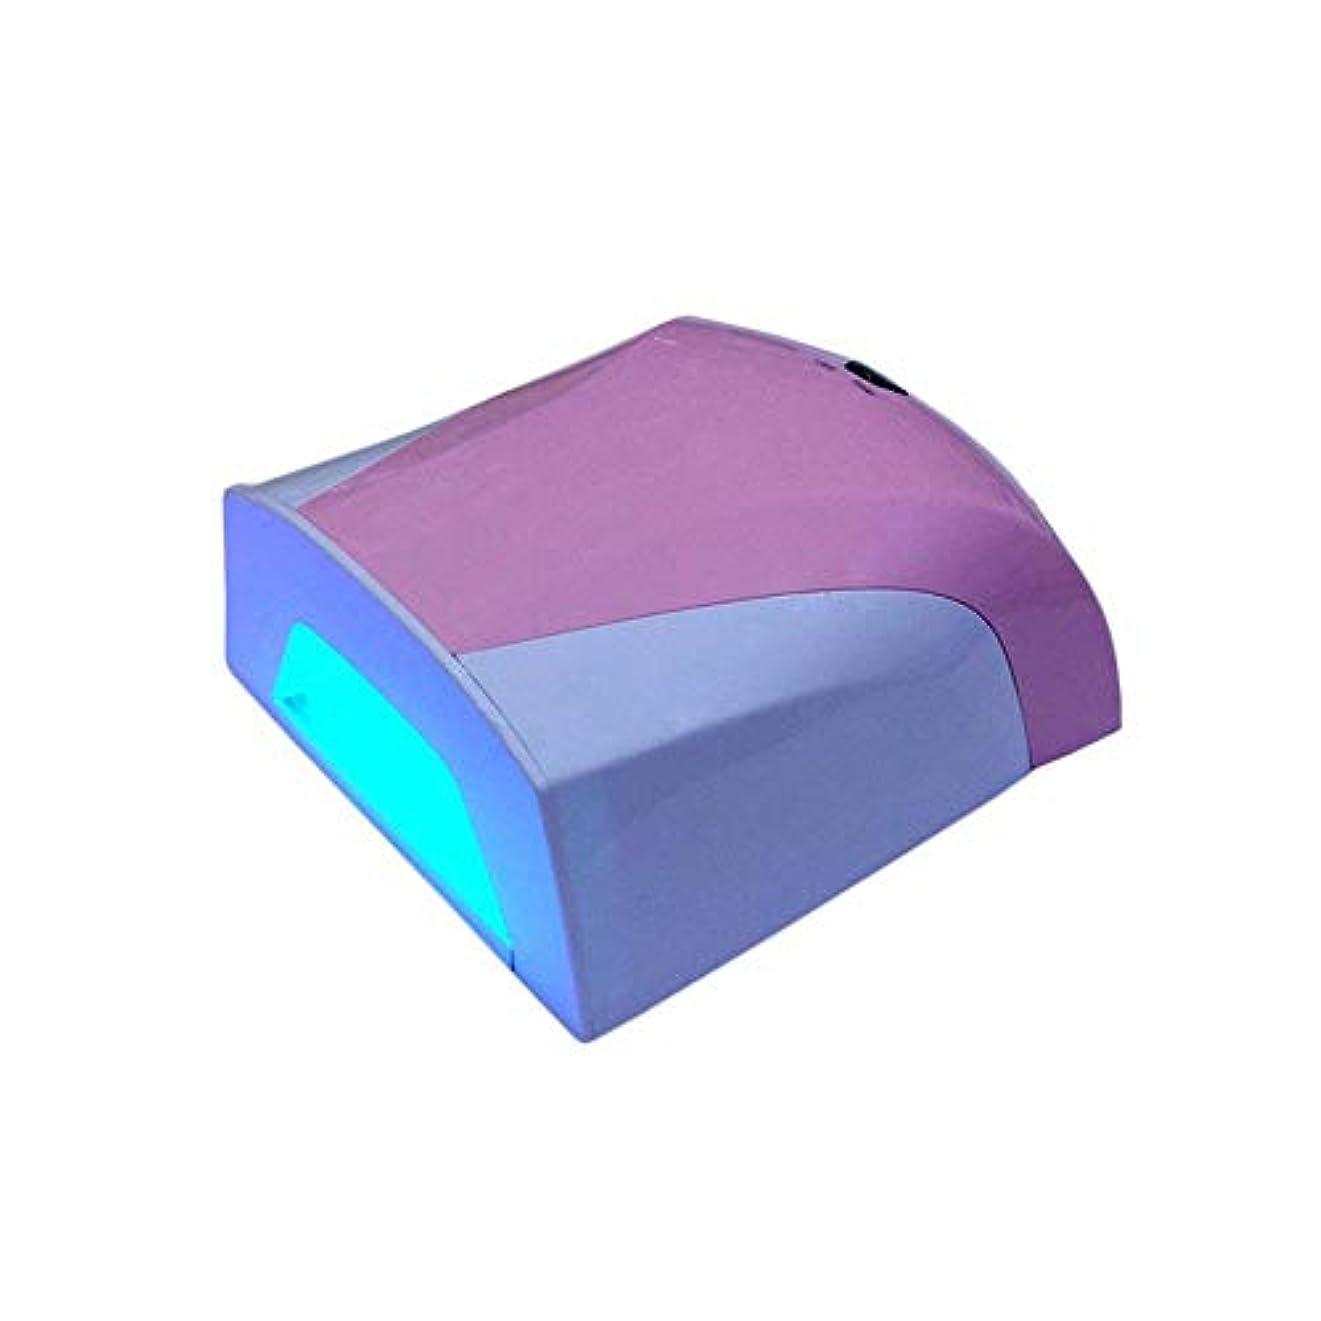 熟読同化依存する36ワットuv ledネイルランプネイルドライヤーライトマシン用硬化ゲルネイルポリッシュネイルアートマニキュアツールでタイマー設定、ファン